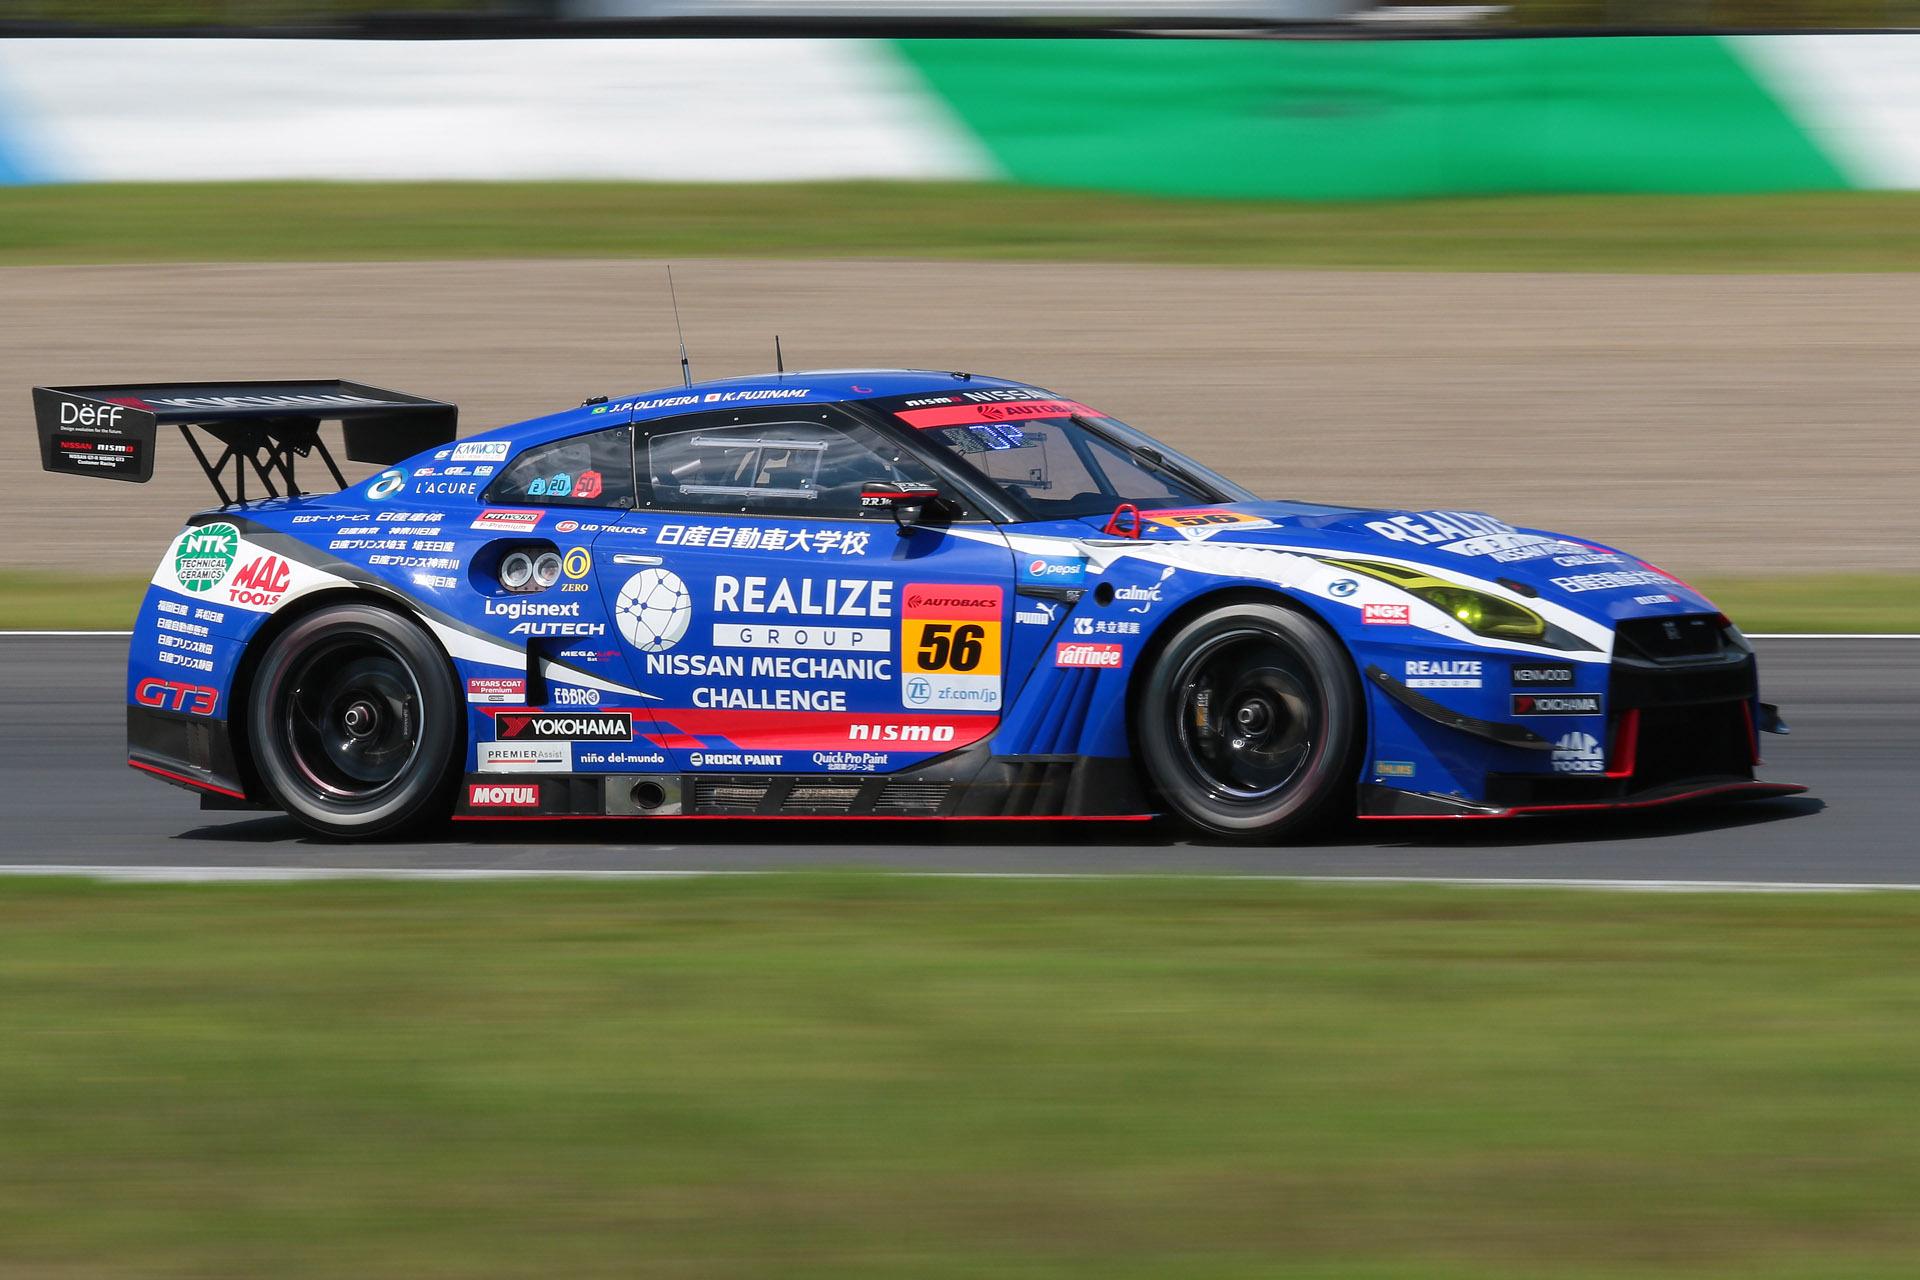 予選3位は56号車 リアライズ日産自動車大学校 GT-R(藤波清斗/ジョアオ・パオロ・デ・オリベイラ組、YH)